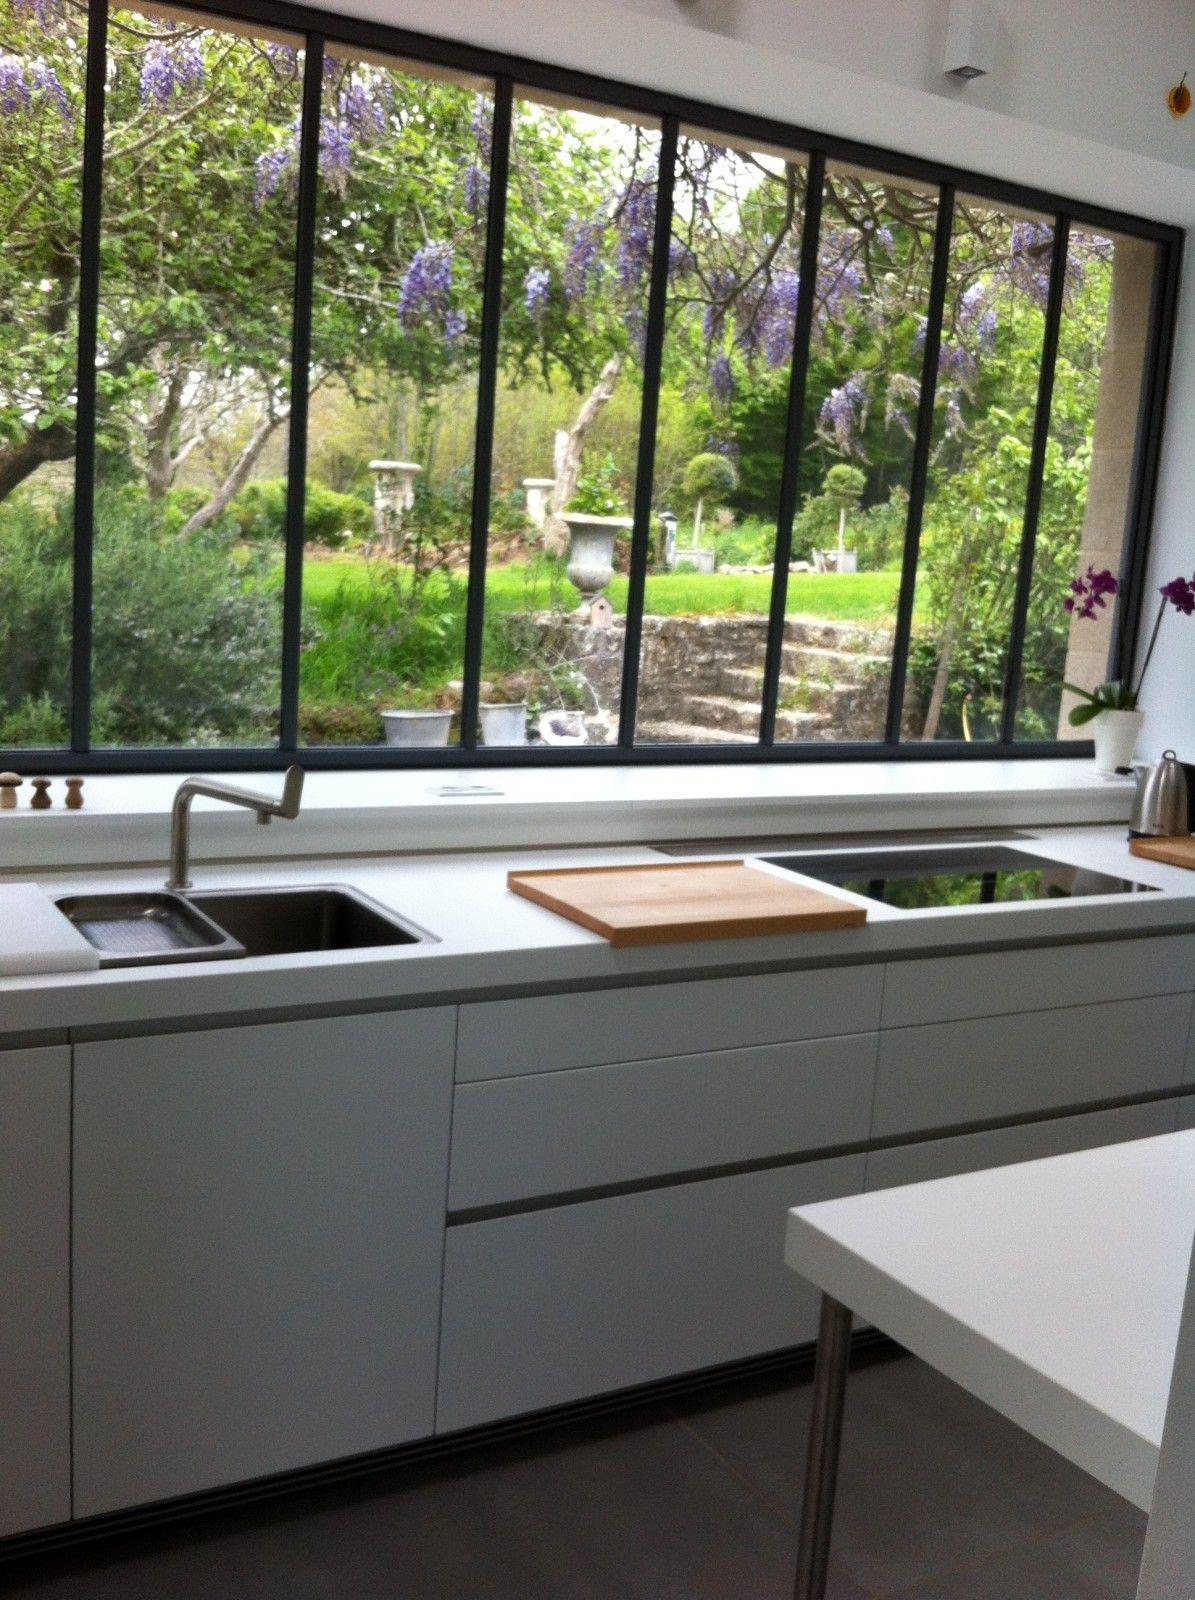 Cuisine Avec Verrière Donnant Sur Le Jardin | Maison ... destiné Verriere Jardin